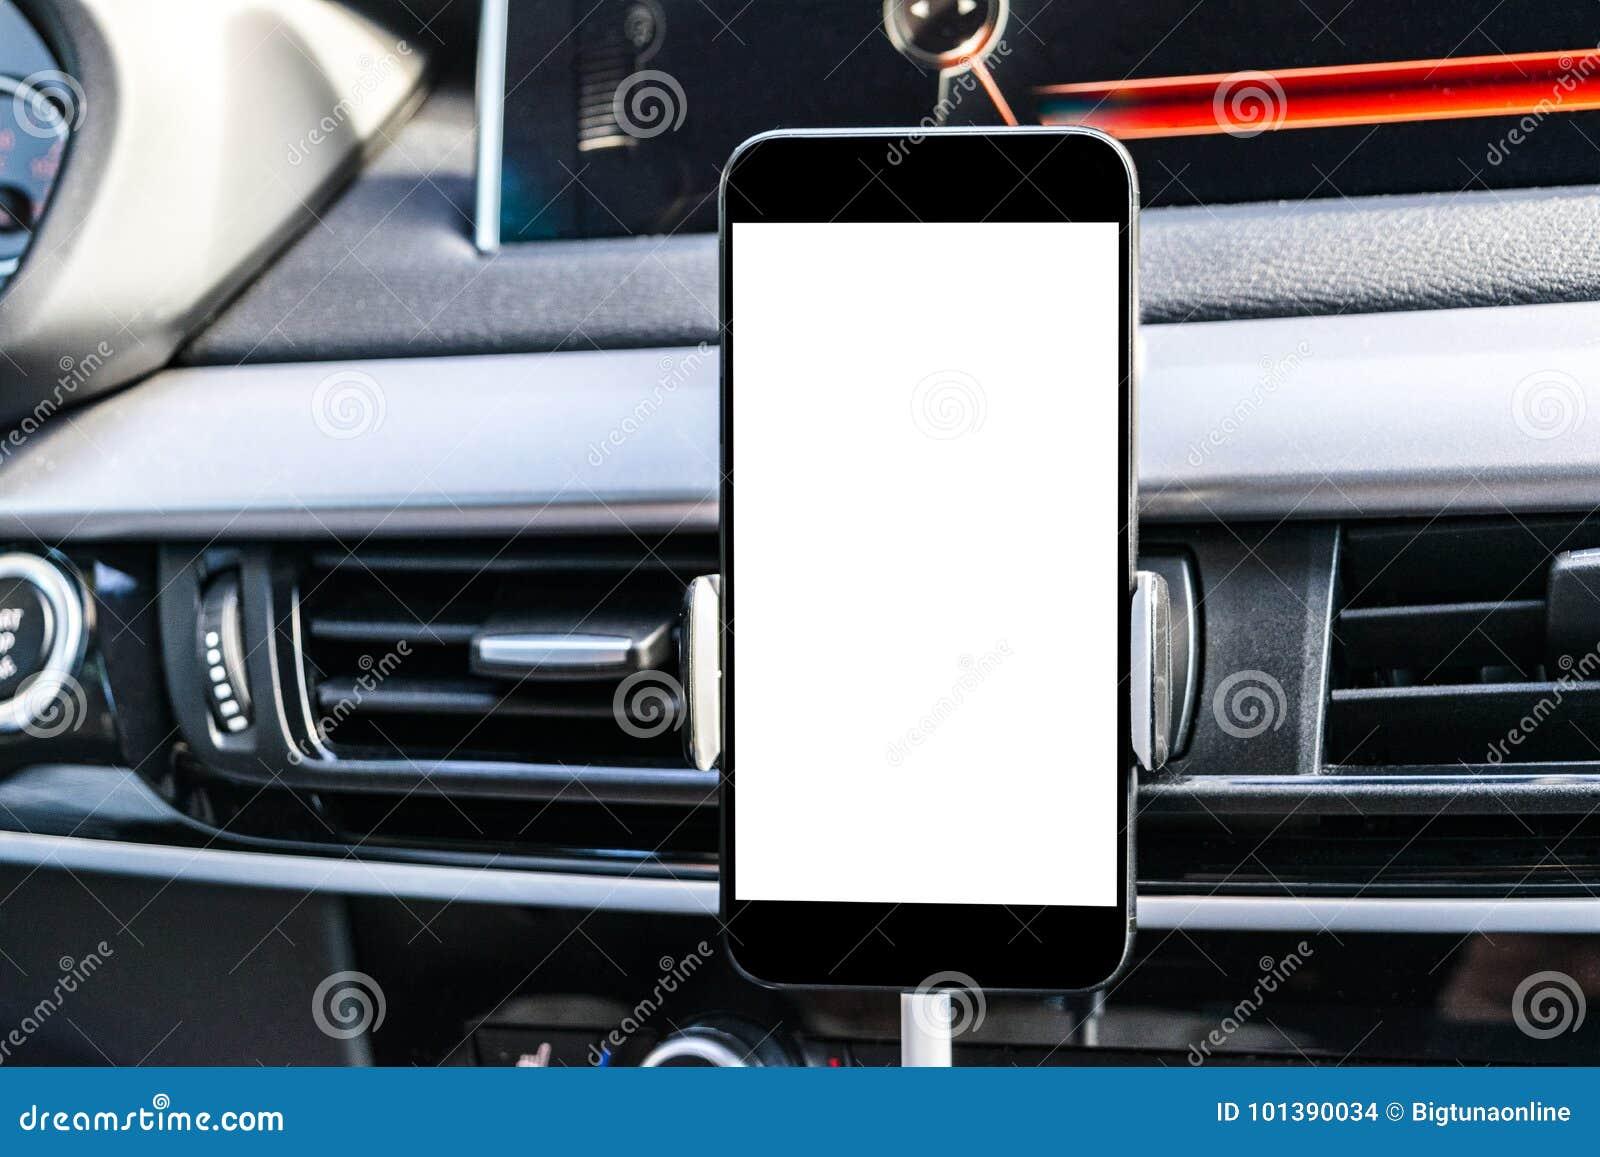 Smartphone in een autogebruik voor Navigate of GPS Het drijven van een auto met Smartphone in houder Mobiele telefoon met het geï